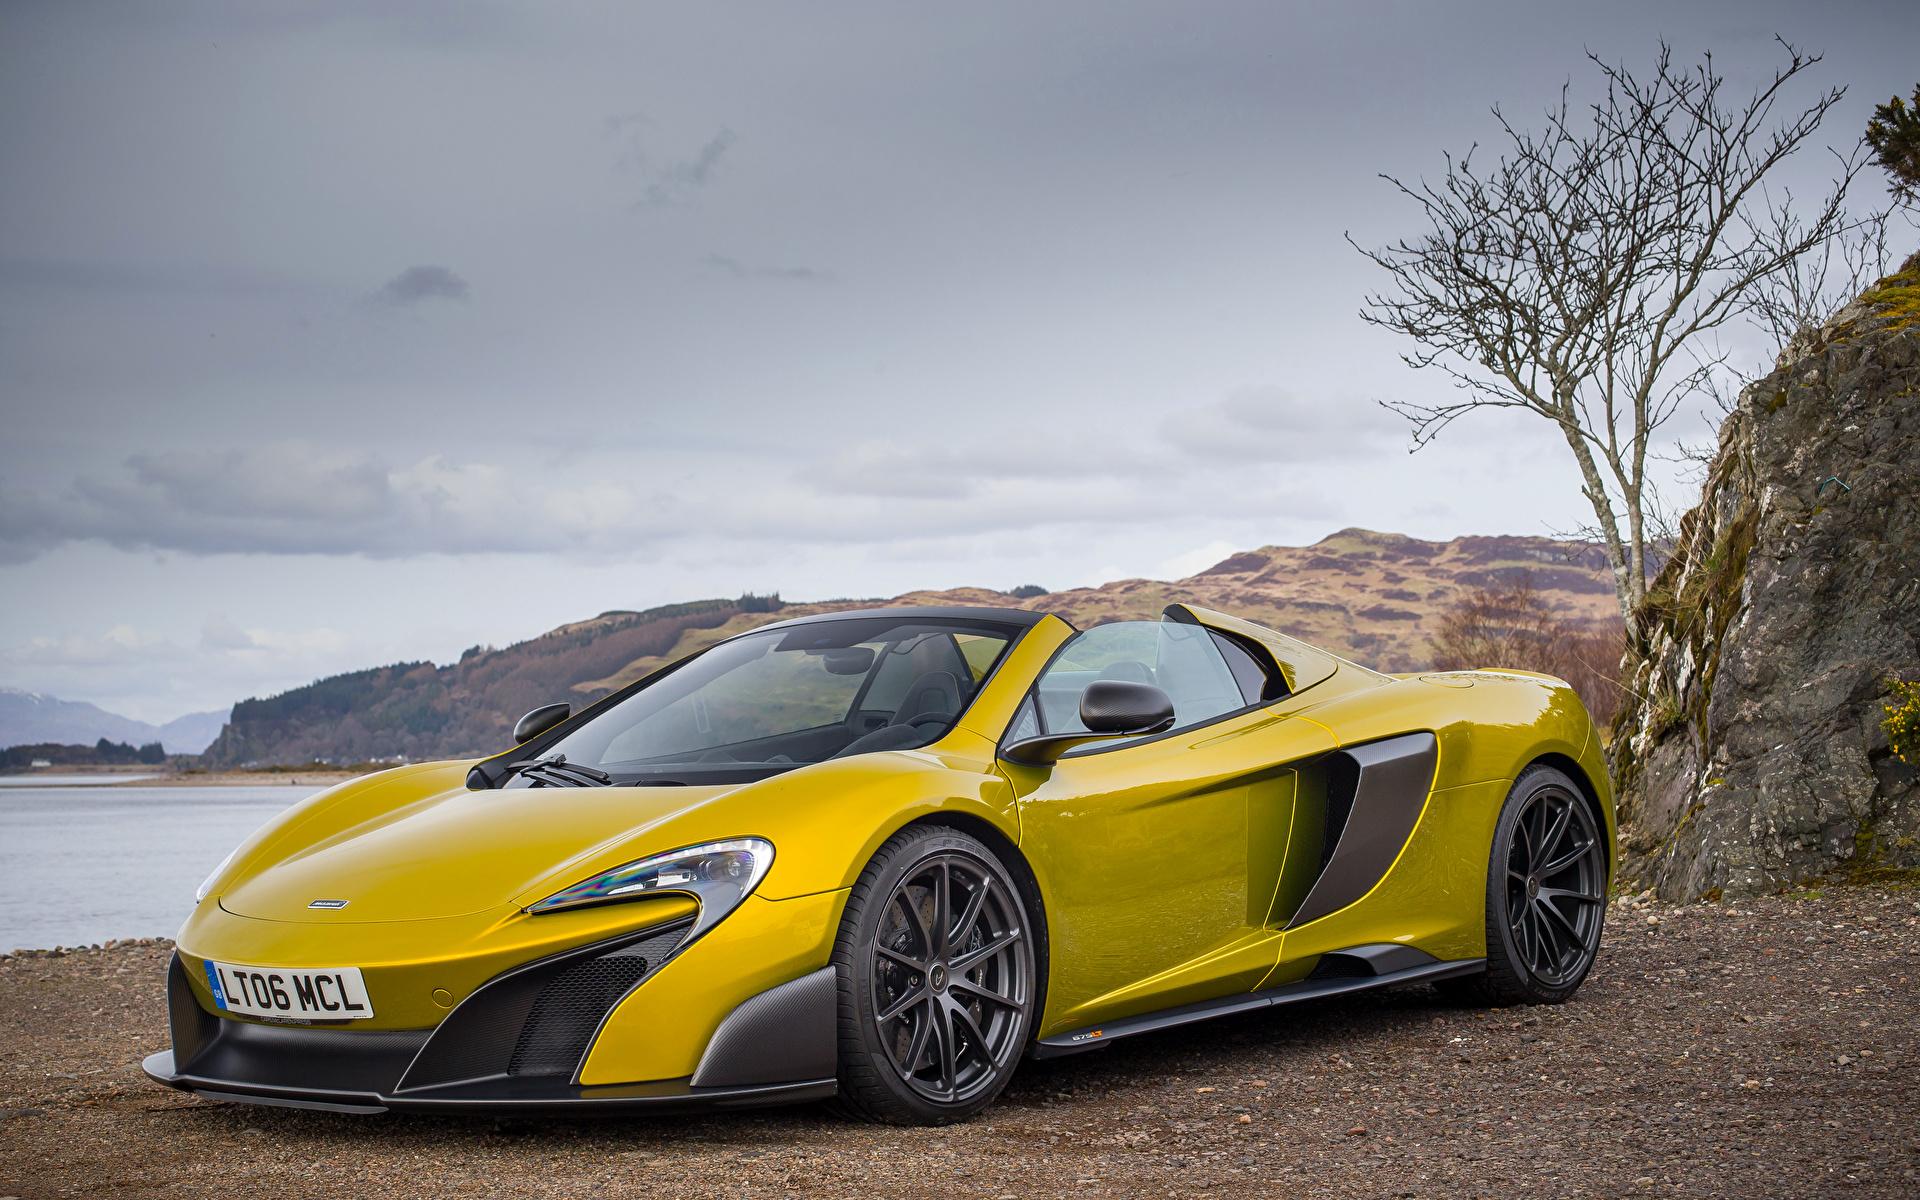 желтый спортивный автомобиль mclaren mp4-12c бесплатно